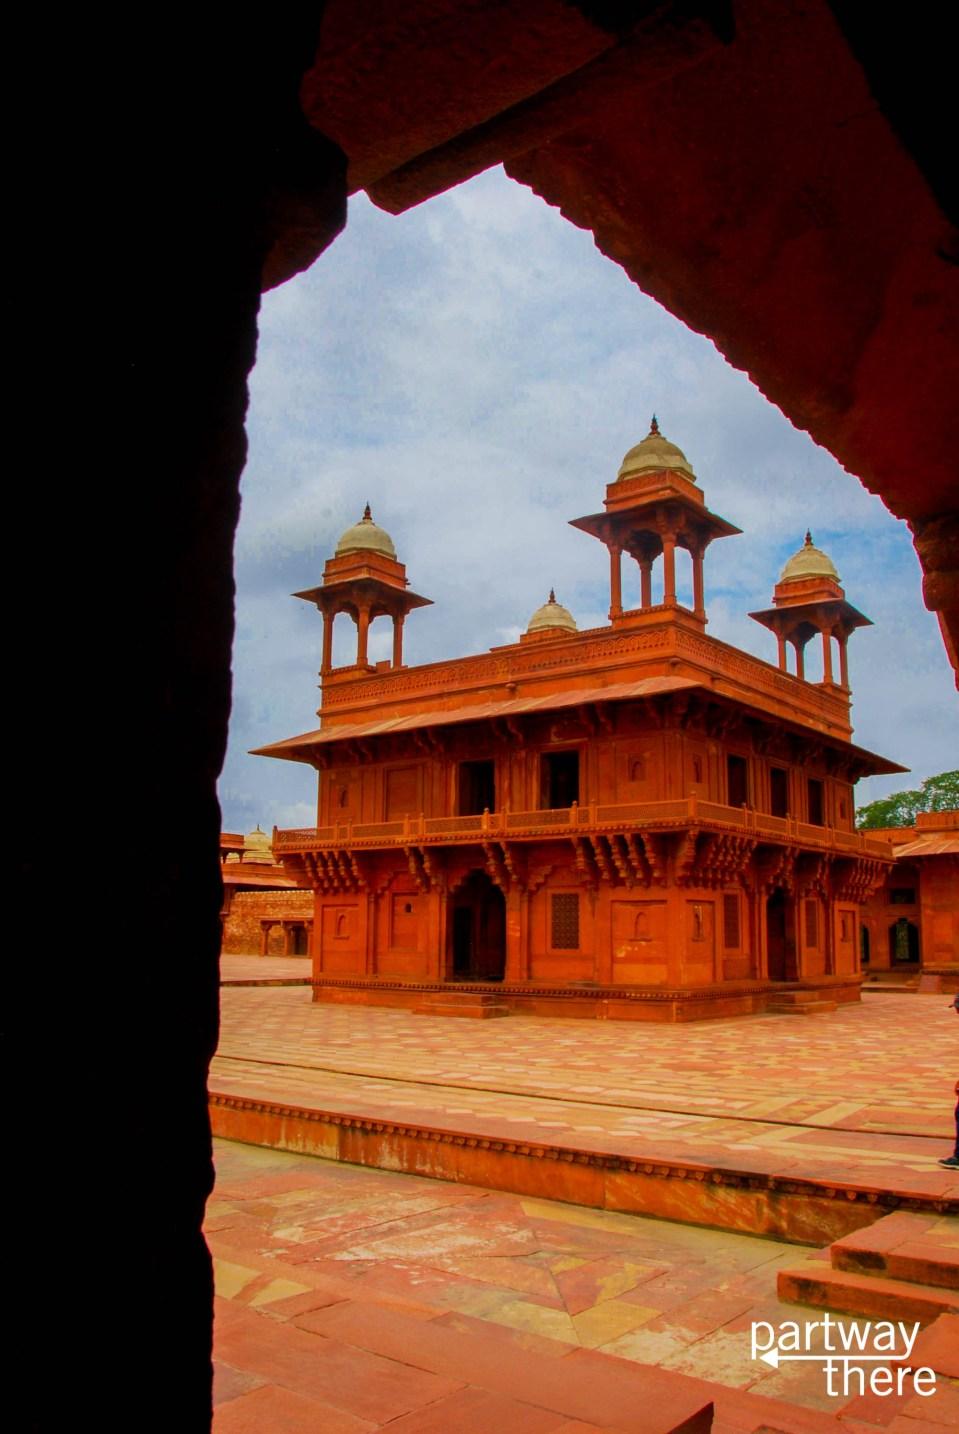 The Diwan-i-Khas at Fatehpur Sikri